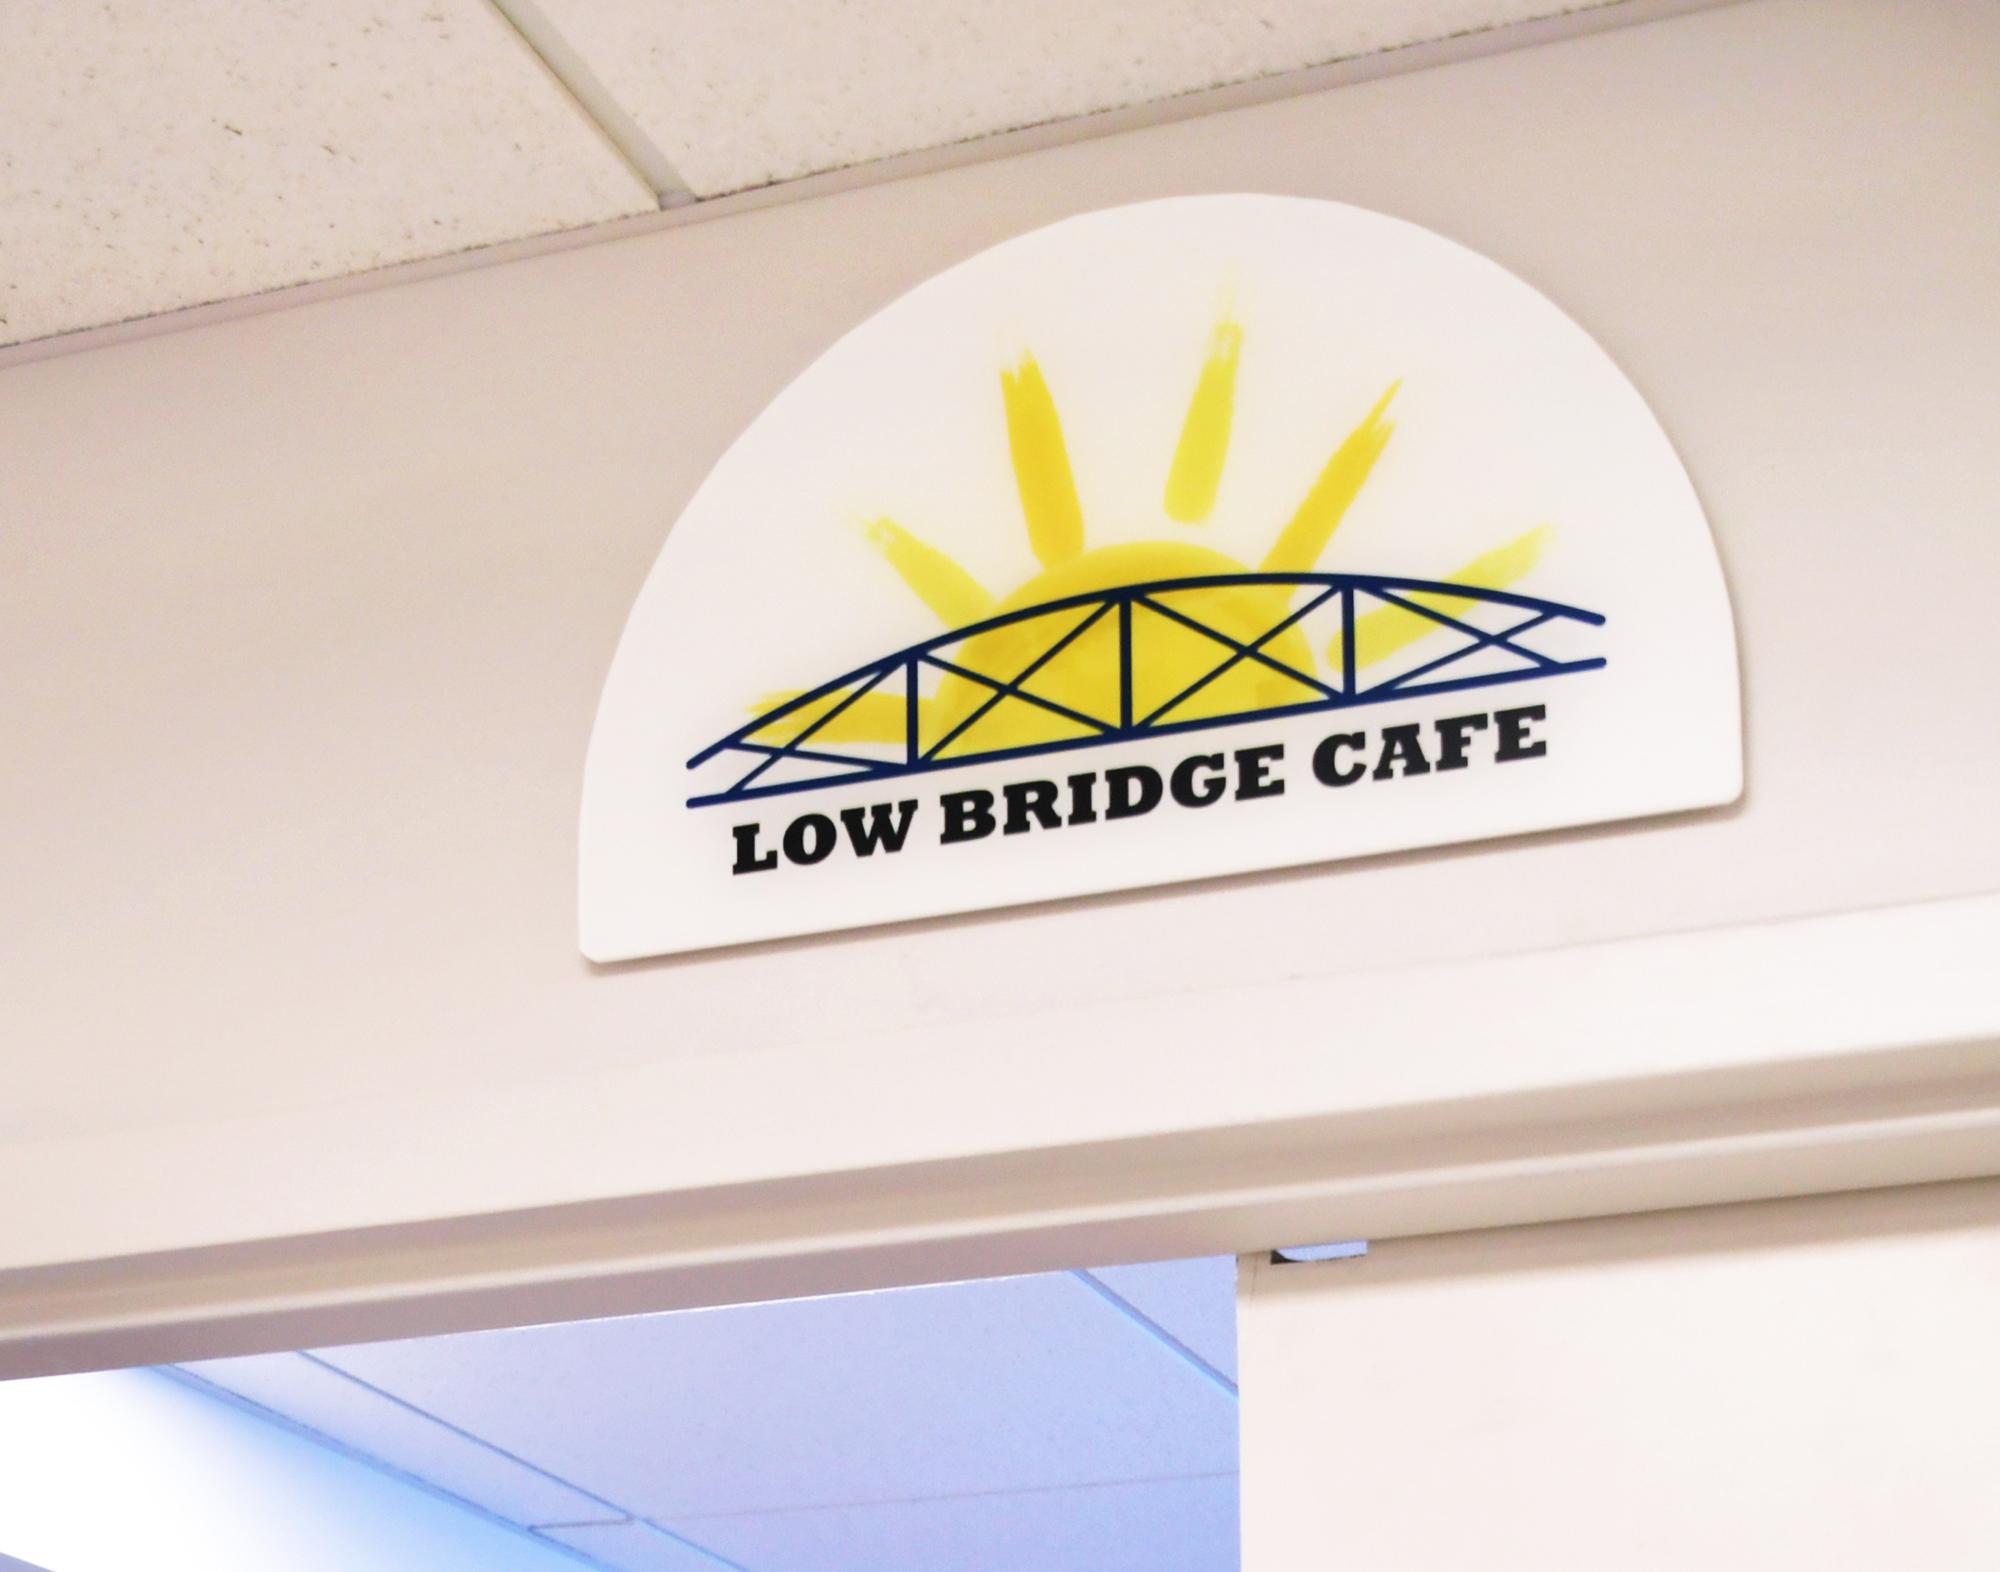 The lowbridge cafe sign